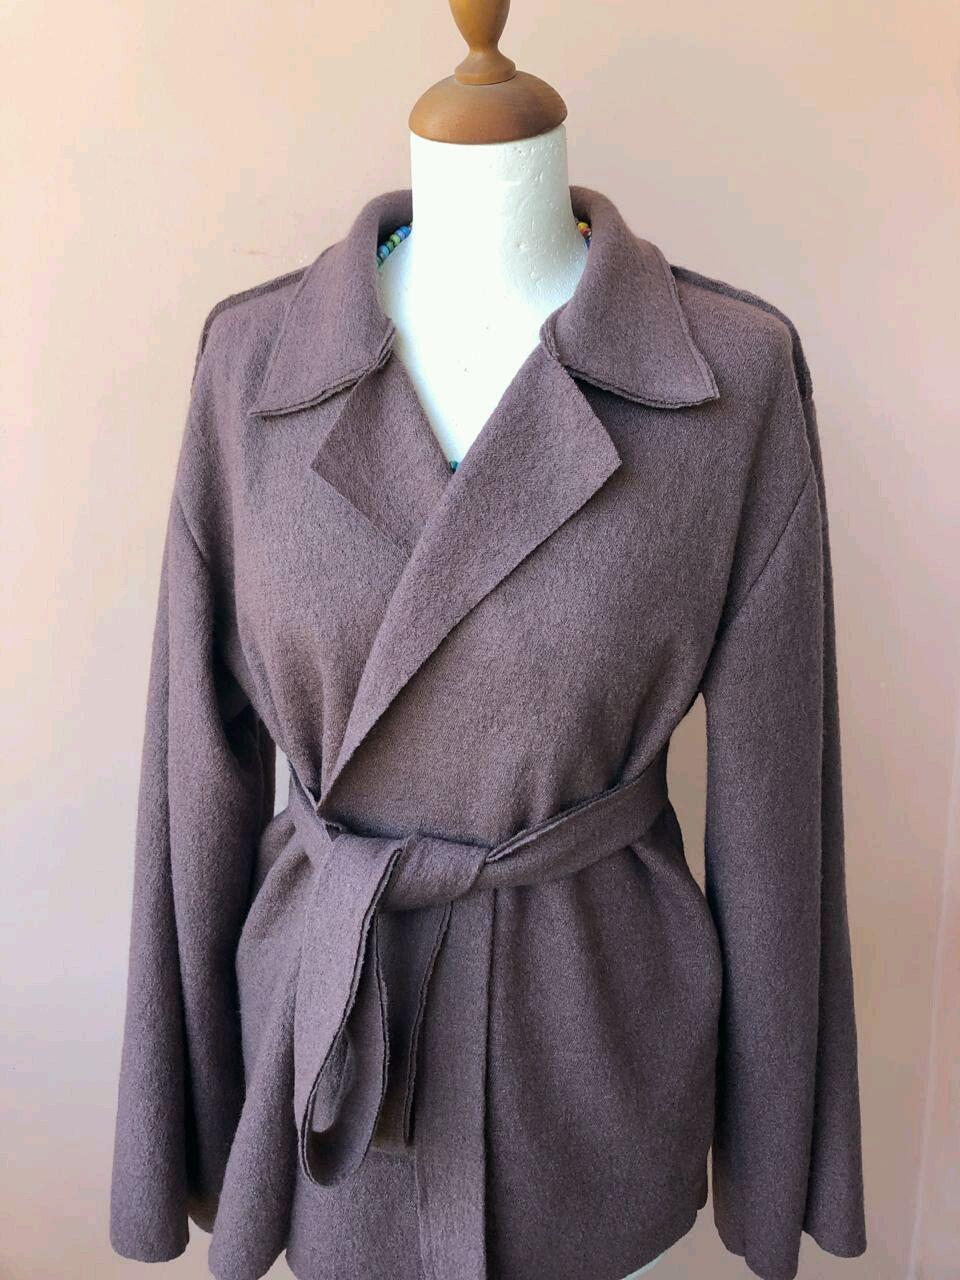 этом свидетельствуют пальто из валяной шерсти без подкладки фото сортировке